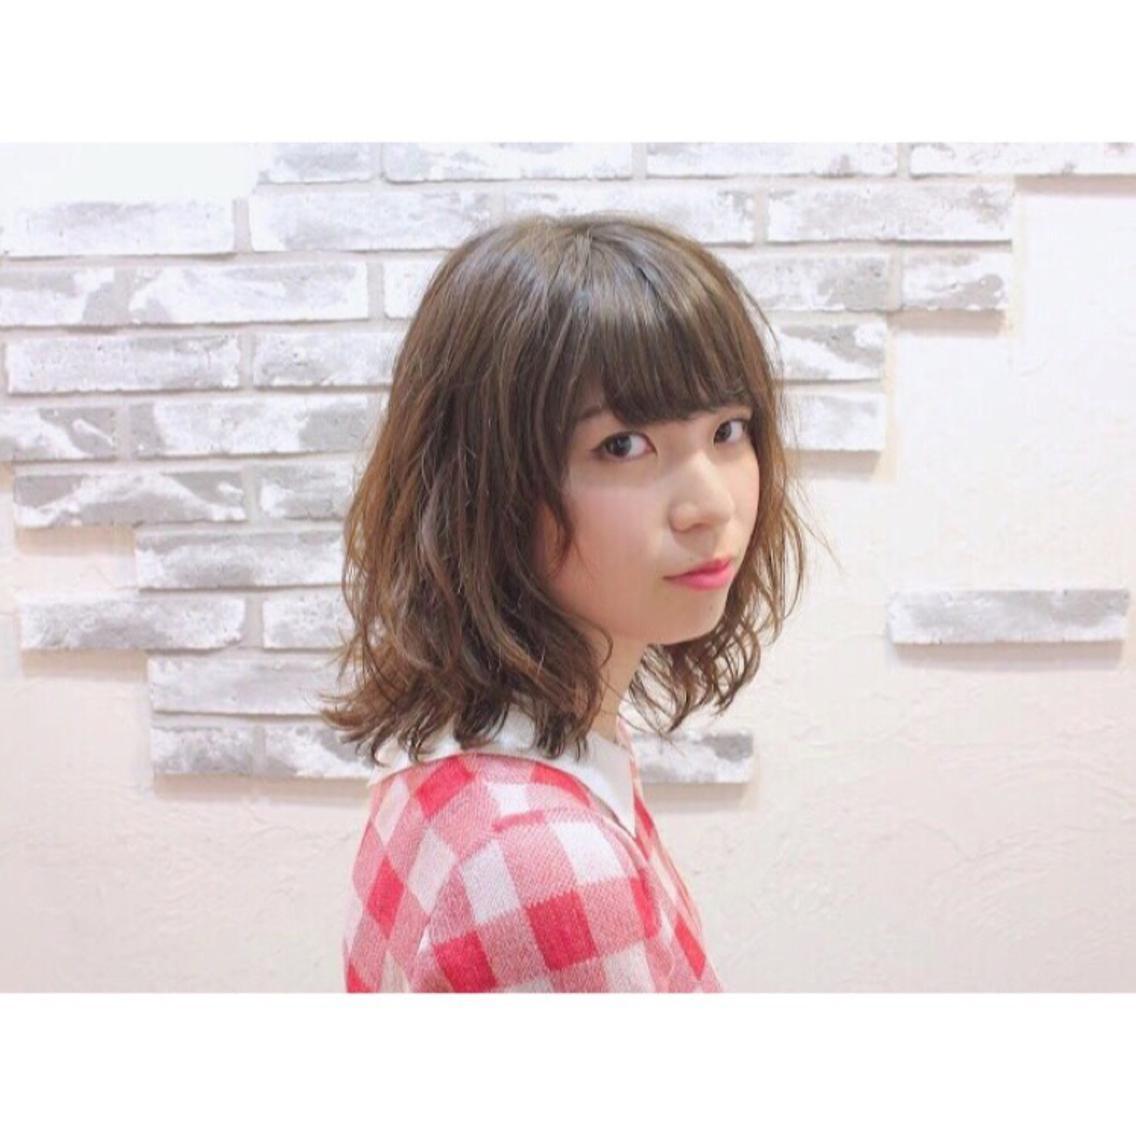 【大田区蒲田】ミディアム~ショートにしたい女性のカットモデルさん募集中◎